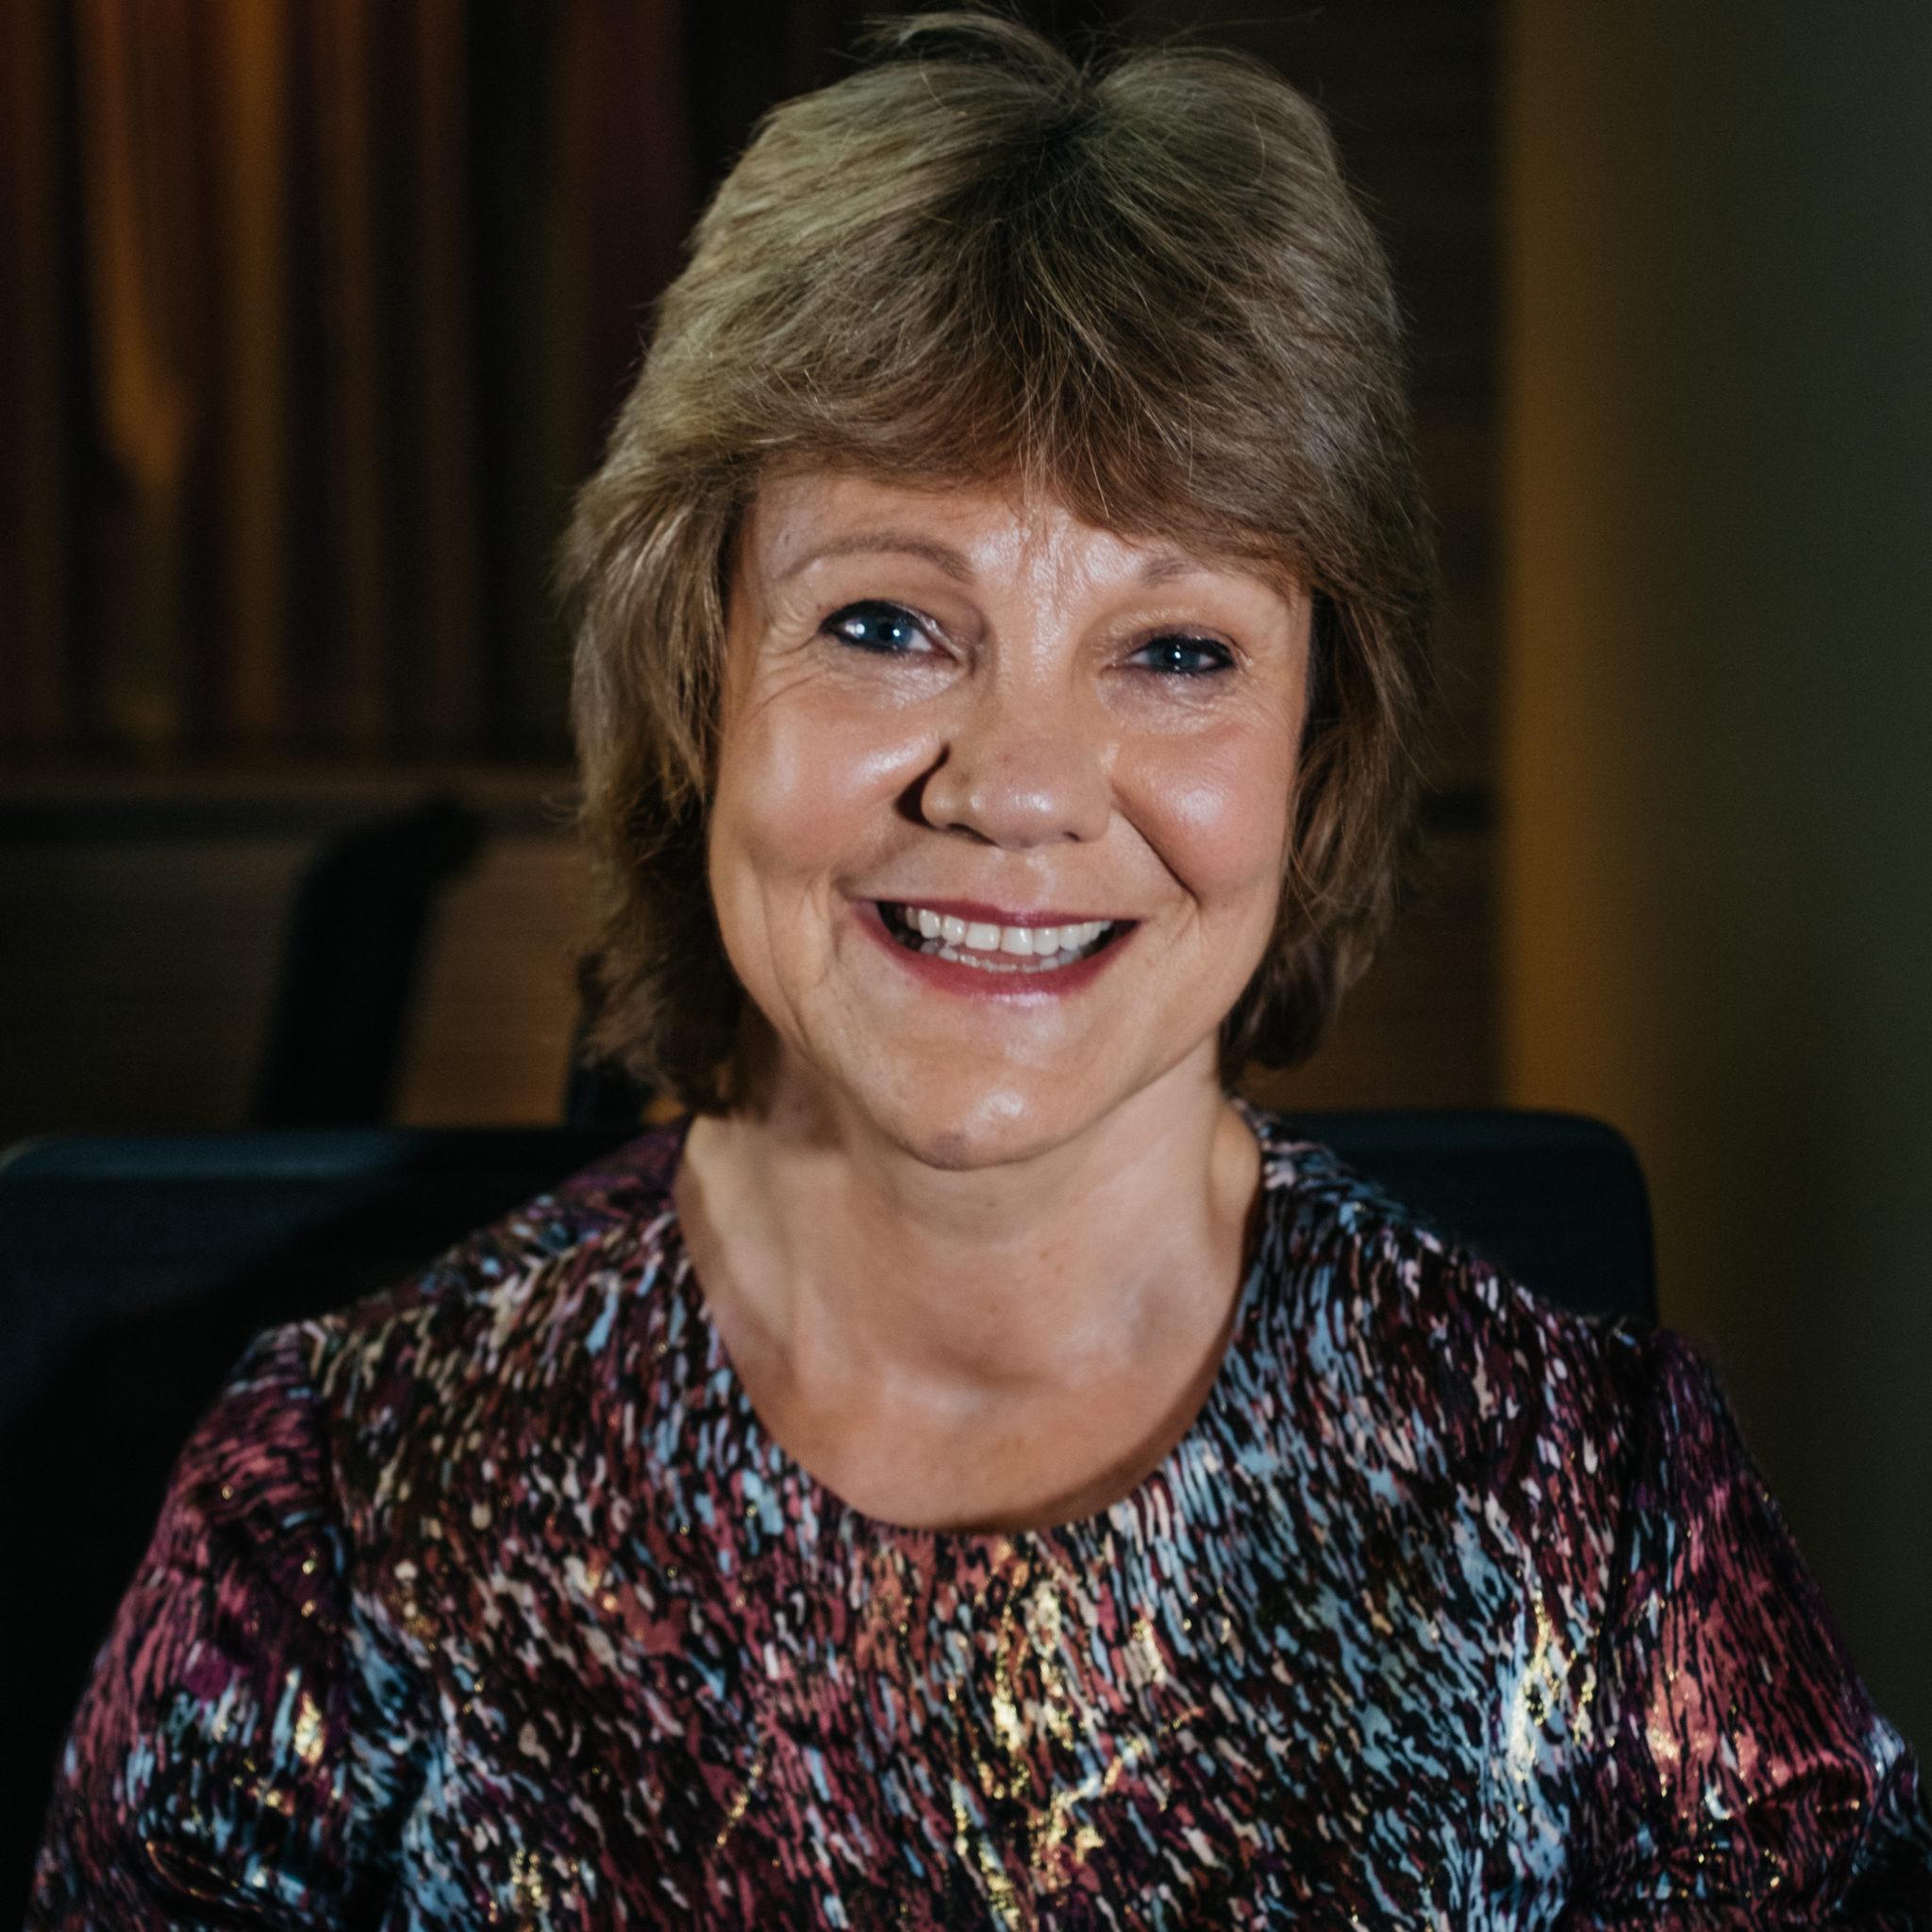 Carolyn Desforges